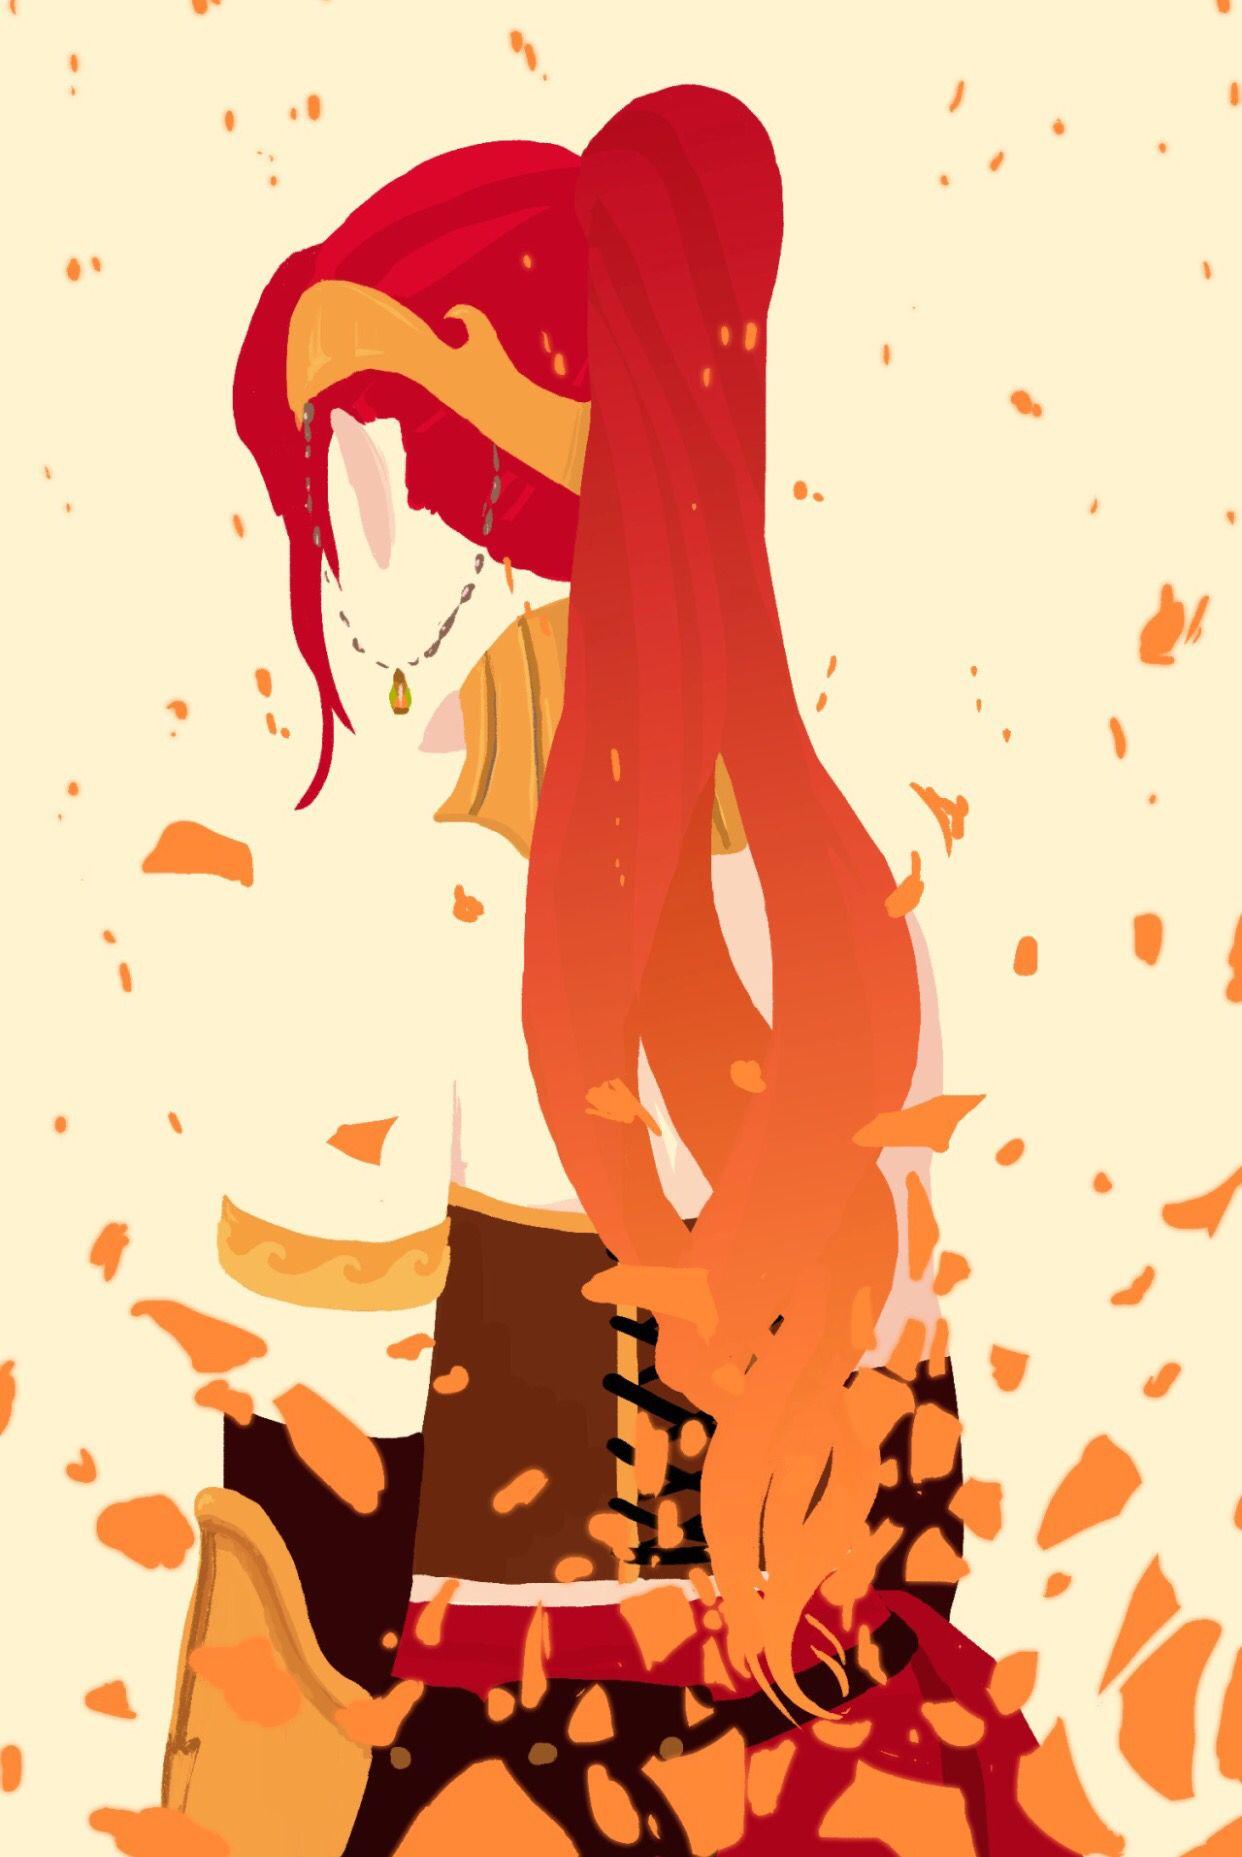 Pyrrha Nikos Rwby Anime Rwby Wallpaper Rwby